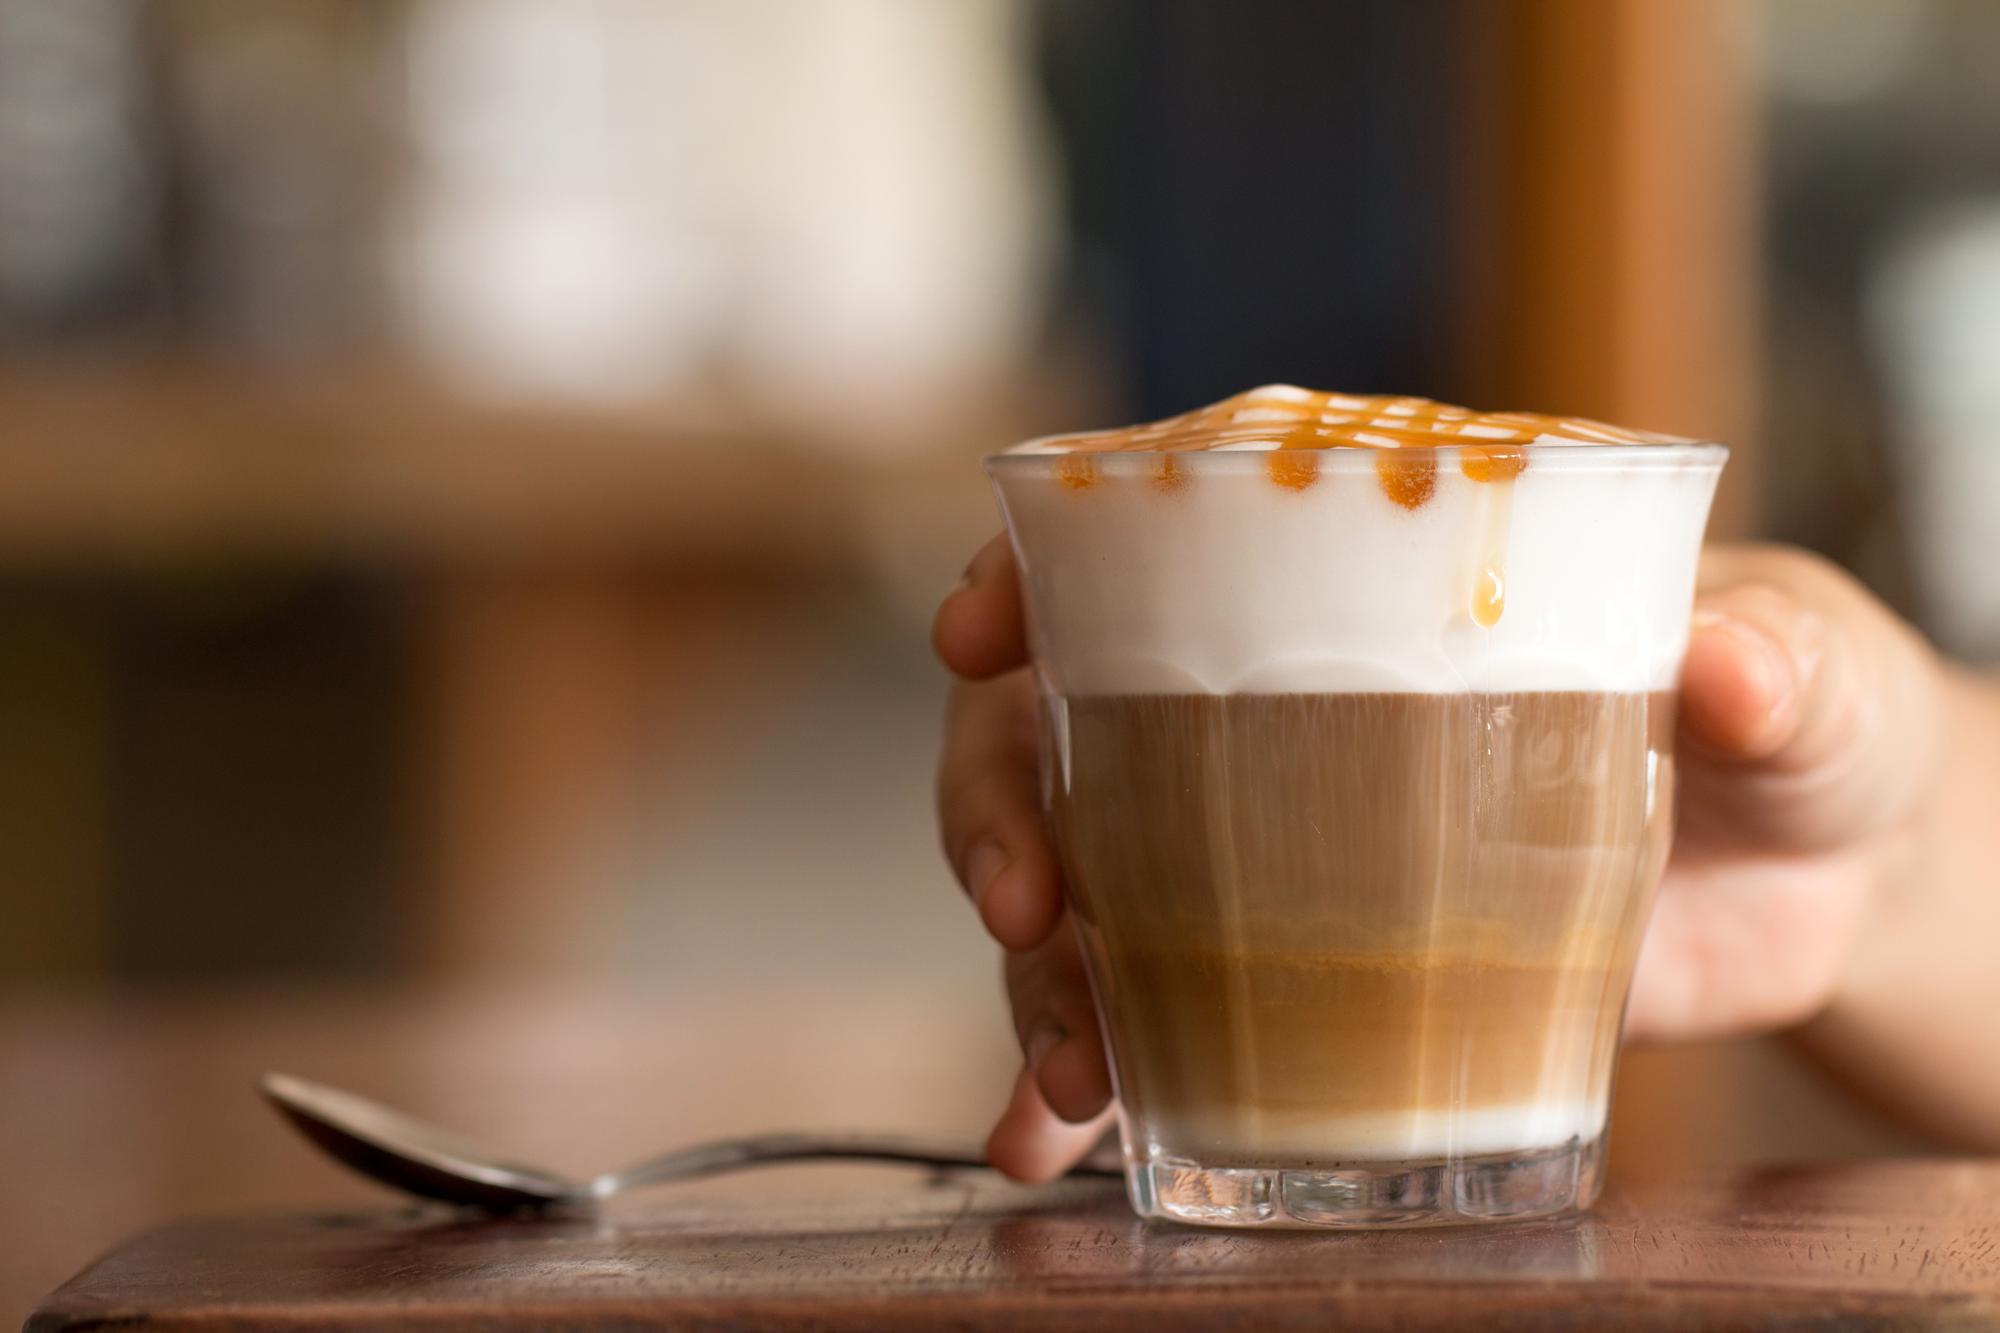 Mi az a ganodermás kávé? Miért olan különleges,és milyen íze van?